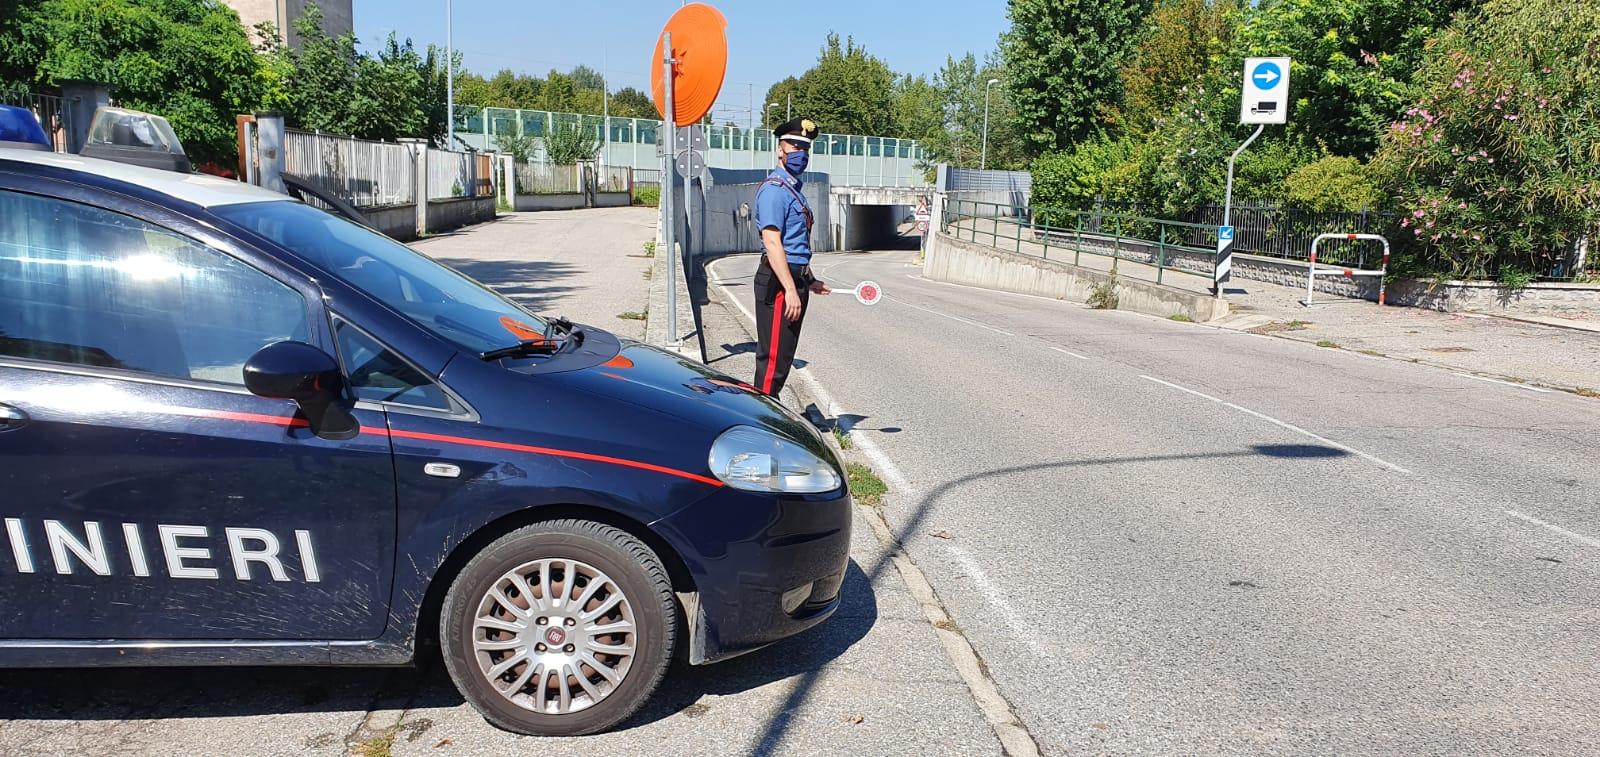 In panne con l'auto rischiano di annegare nel sottopasso allagato: nel bolognese famiglia salvata dai Carabinieri